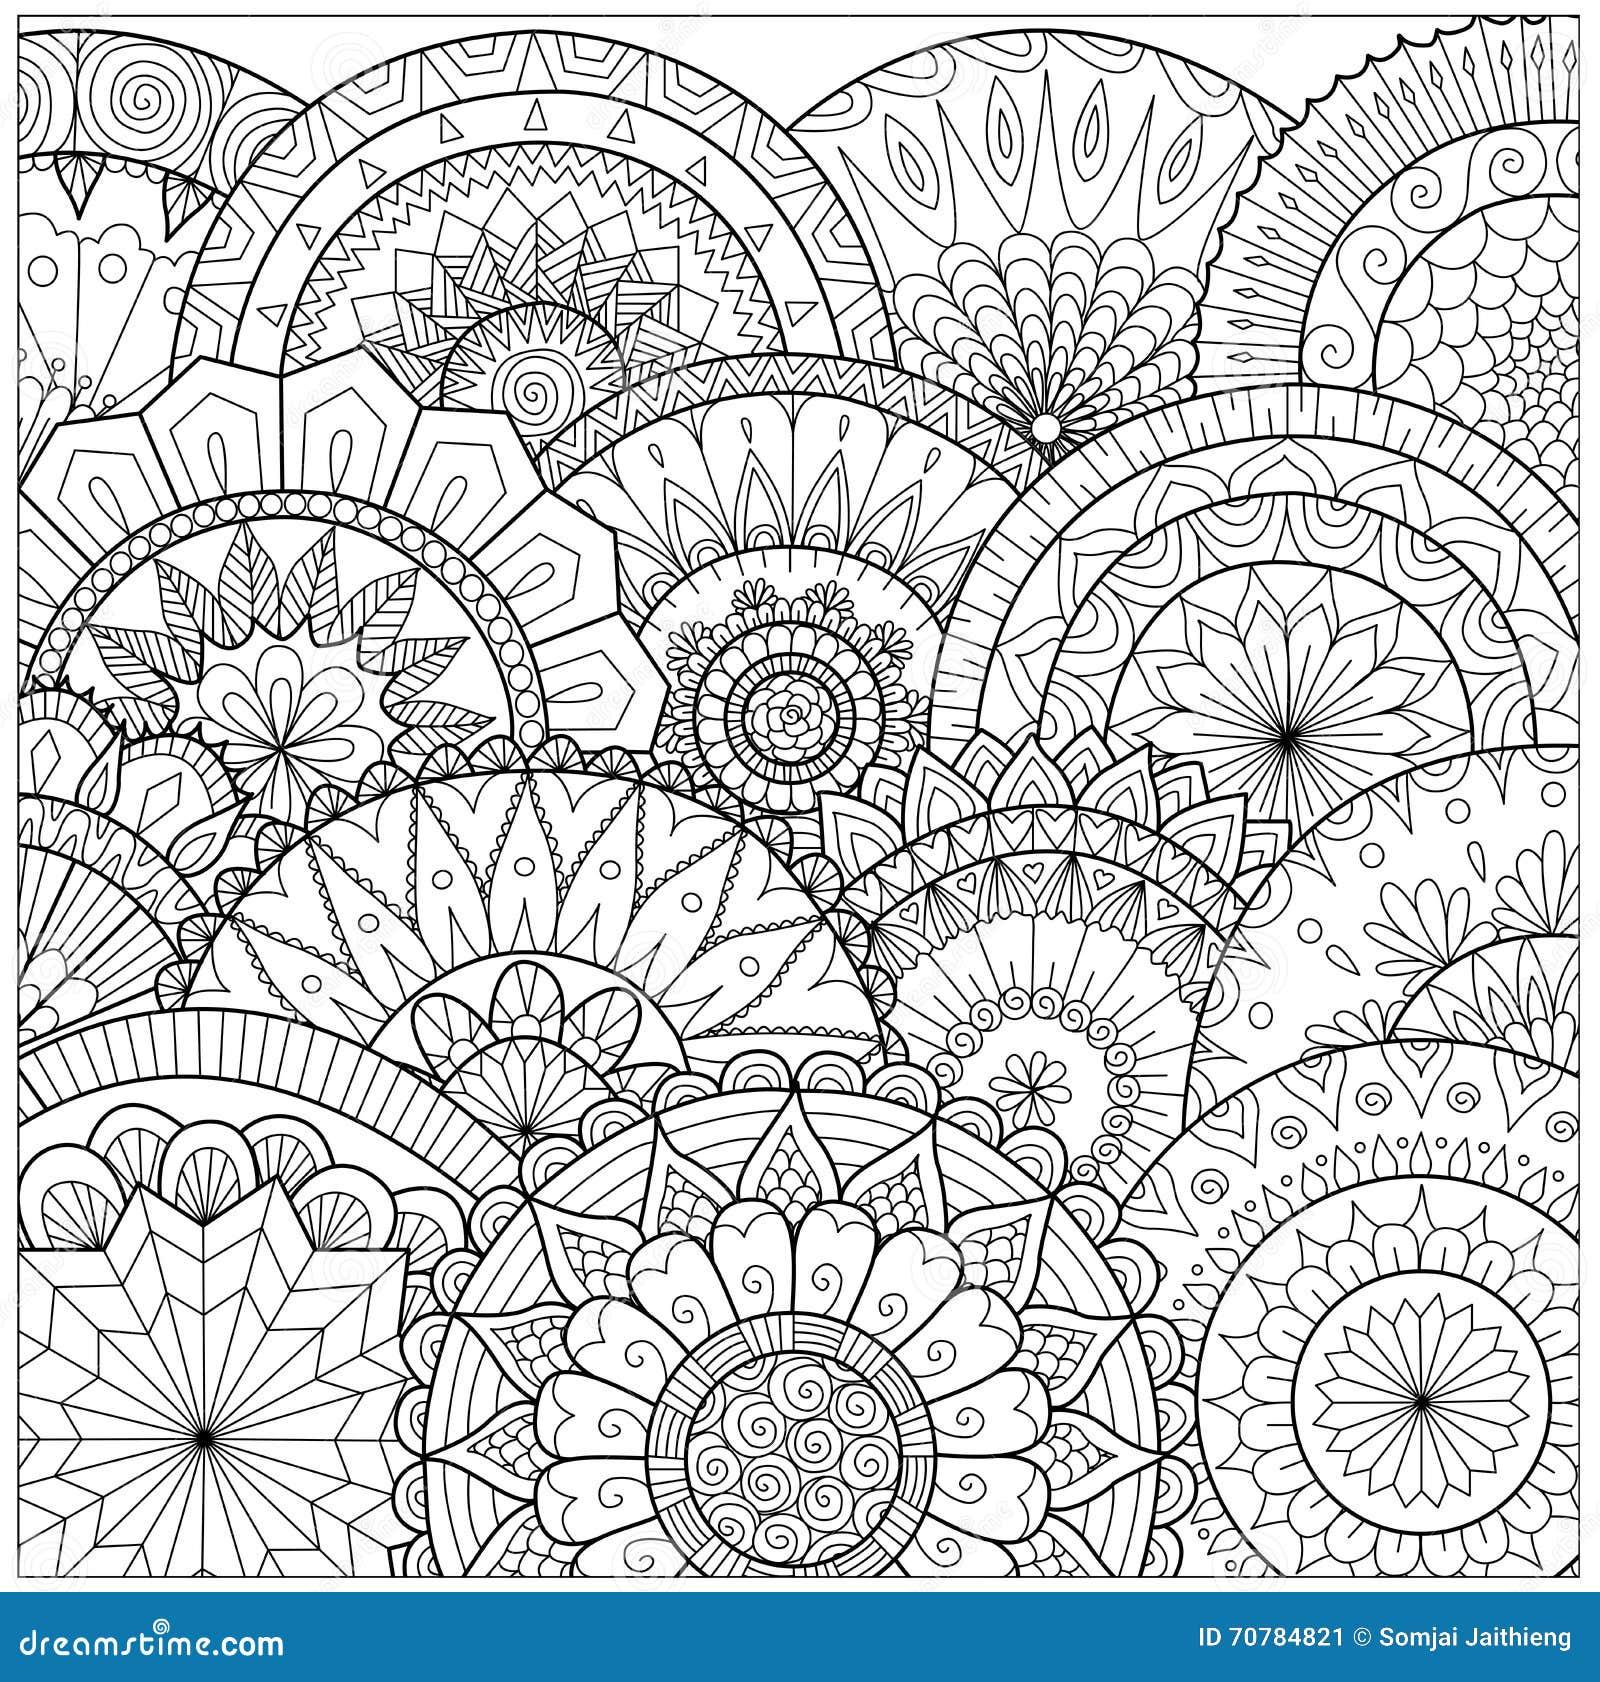 blumen und mandalalinie kunst f r malbuch f r erwachsenen karten und andere dekorationen vektor. Black Bedroom Furniture Sets. Home Design Ideas